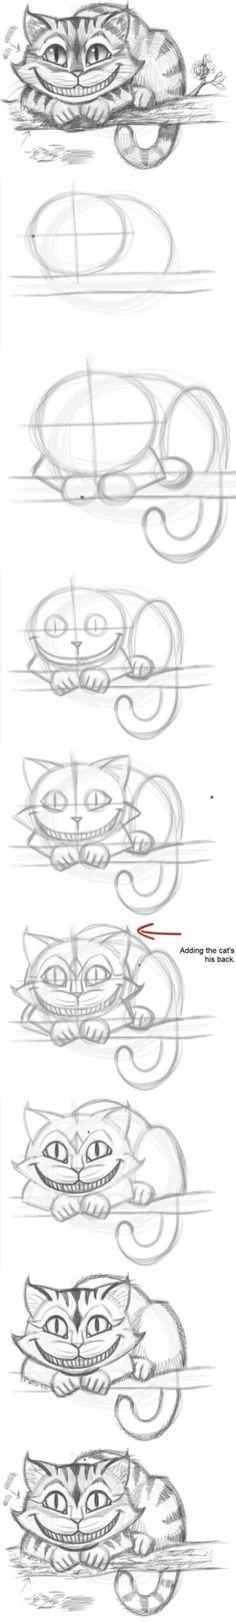 Katze zeichnen